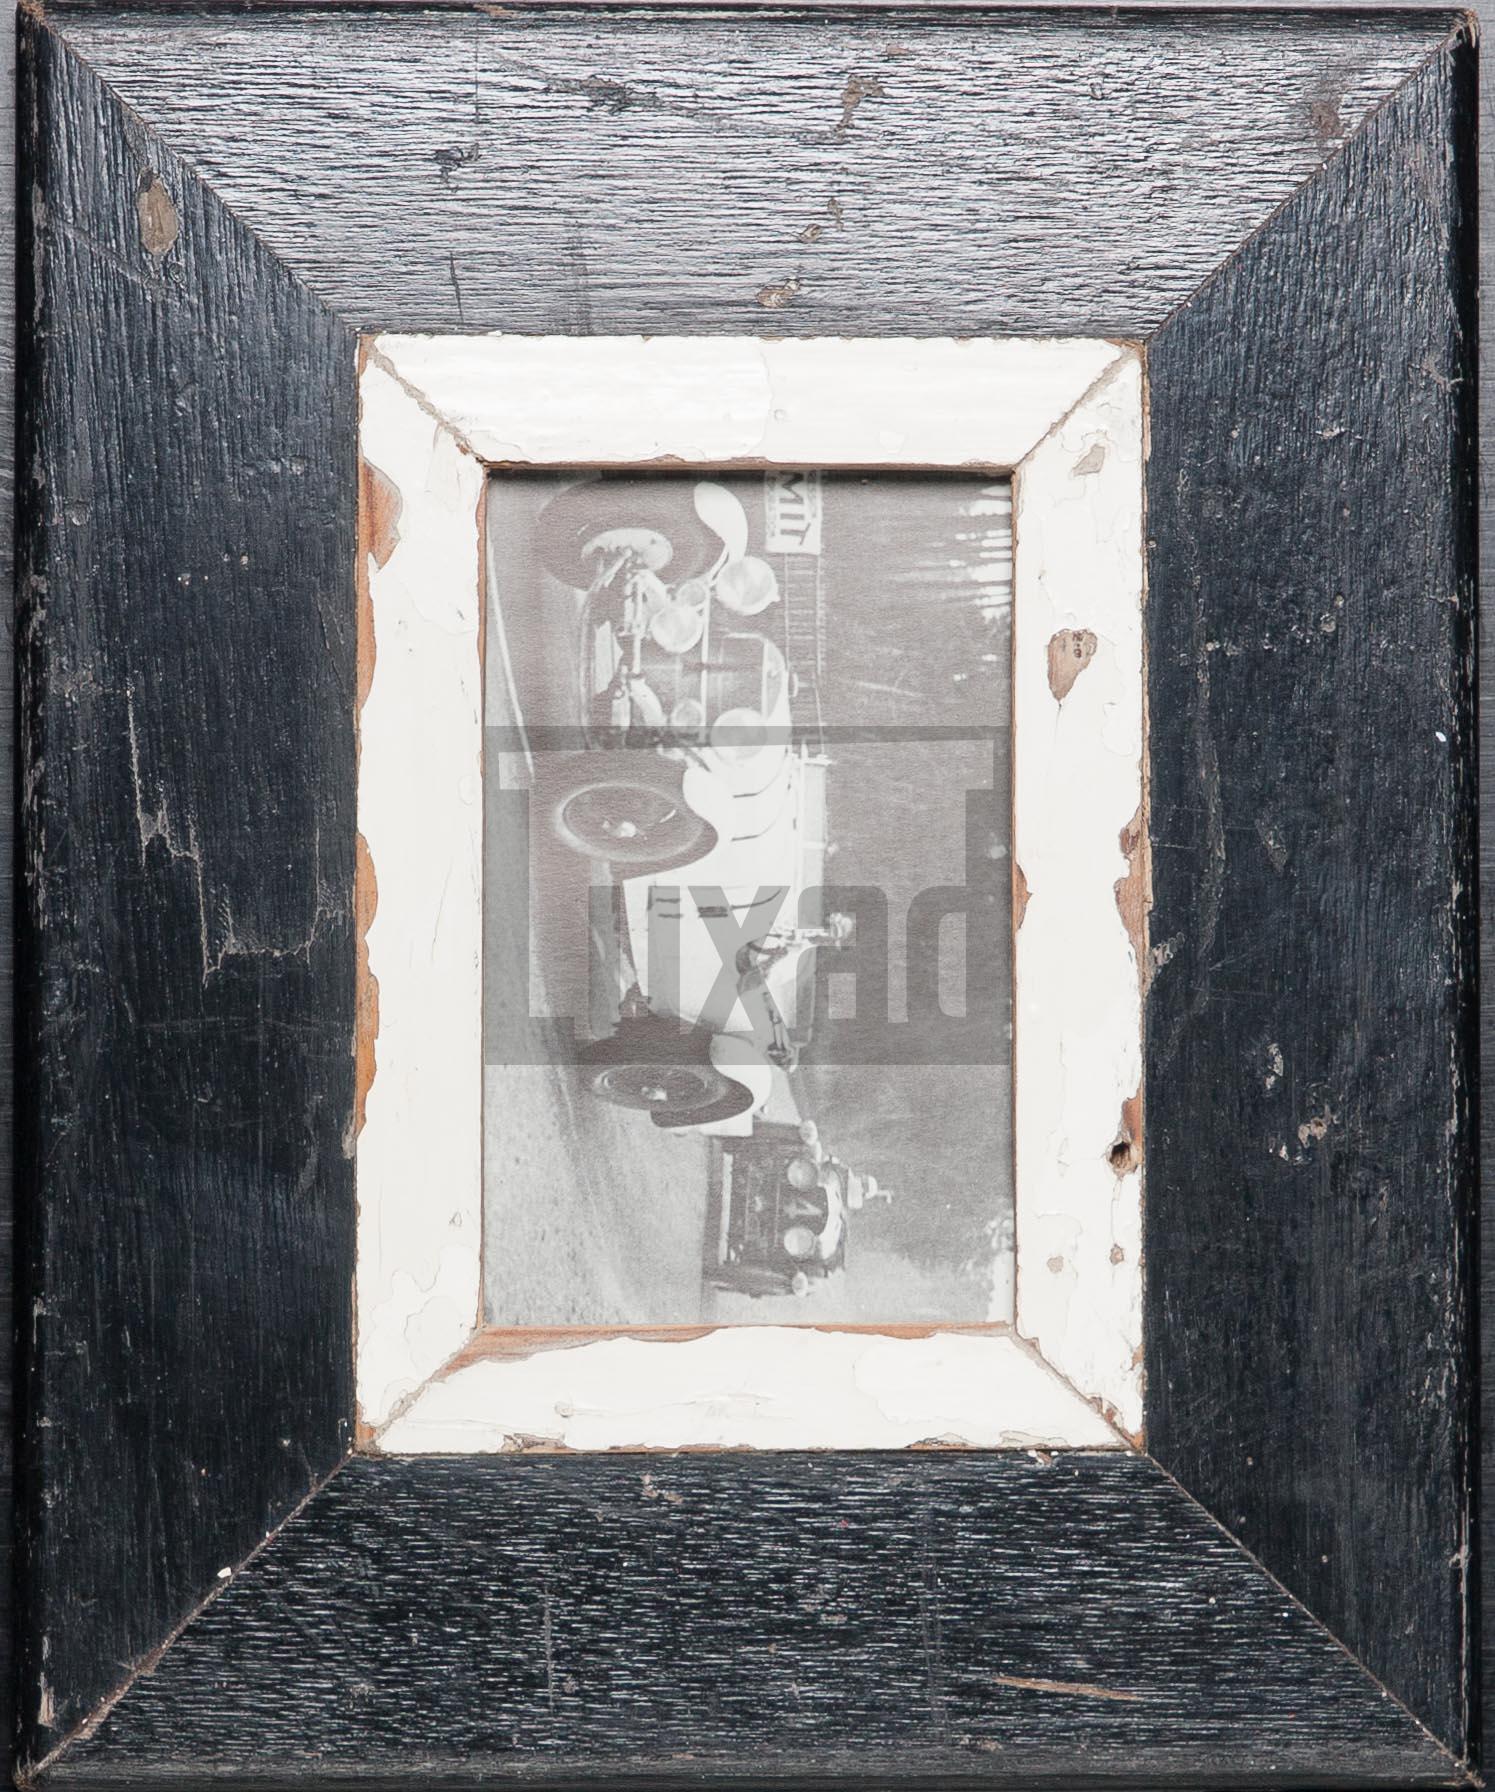 Holzbilderrahmen für kleine Fotos